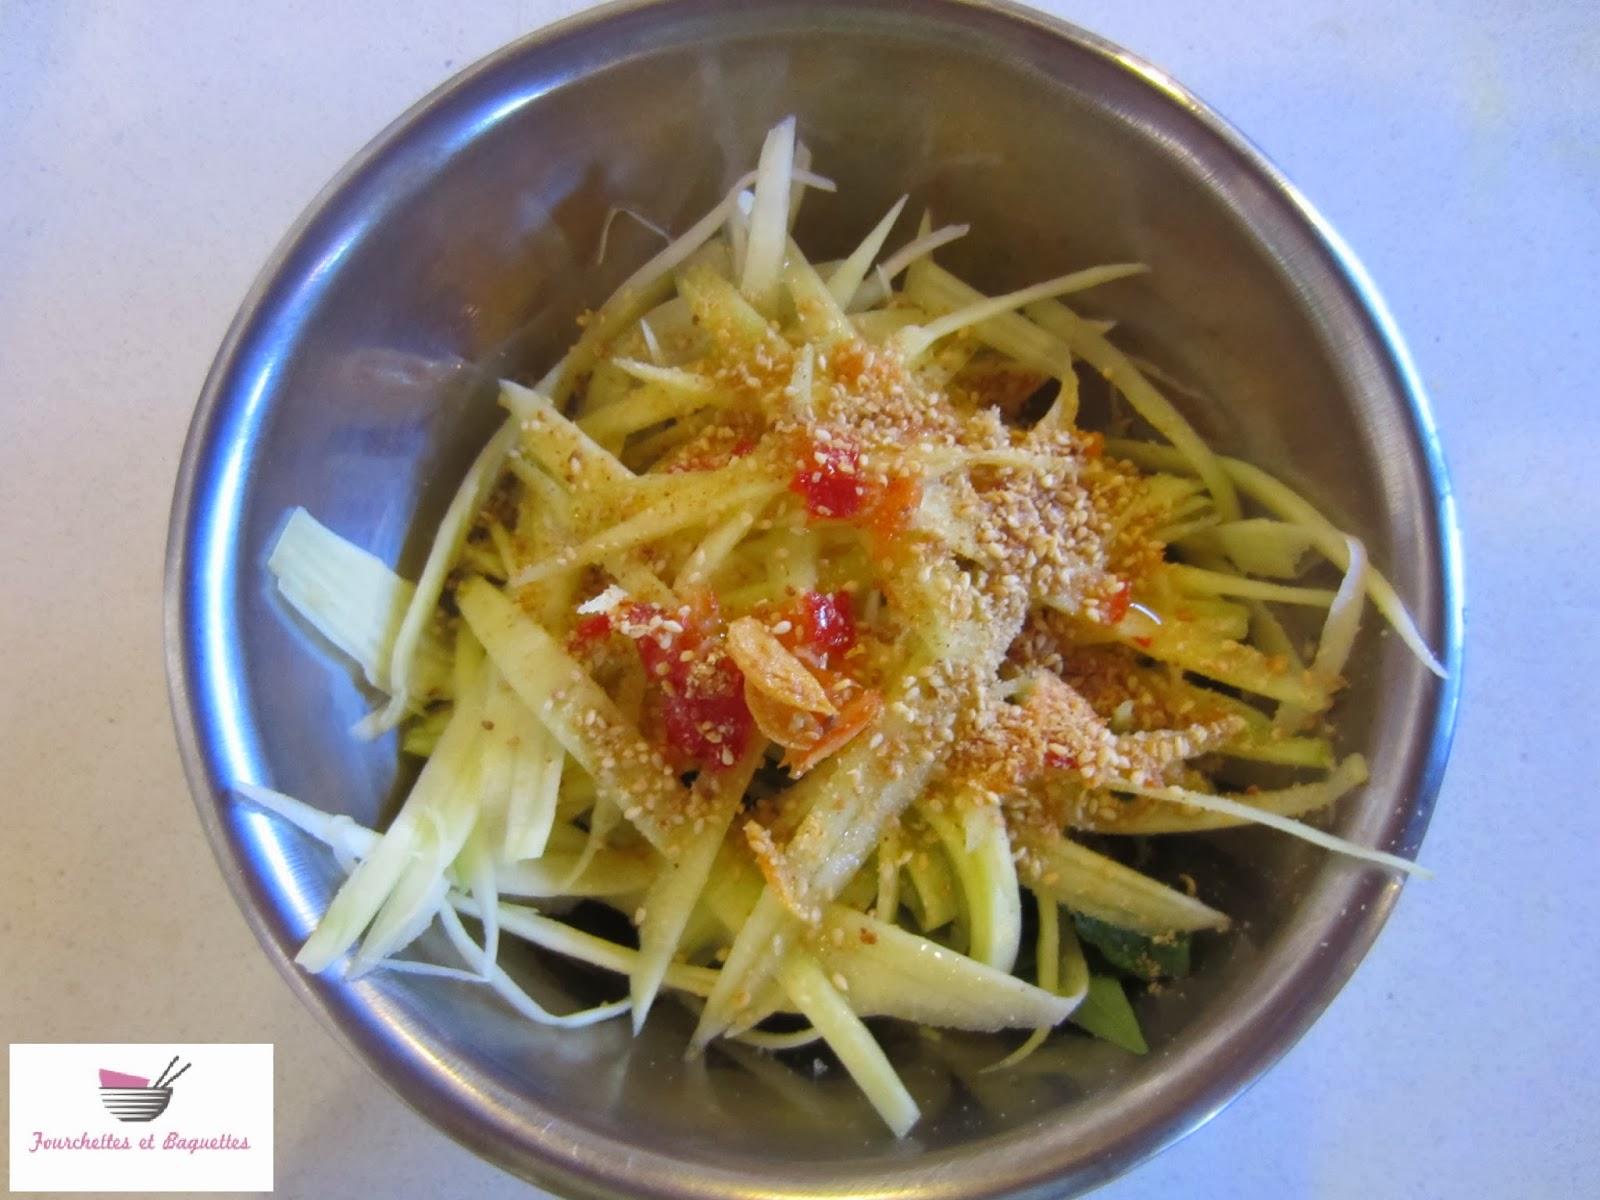 Fourchettes et baguettes salade de mangue verte vietnamienne for Salade pour accompagner poisson